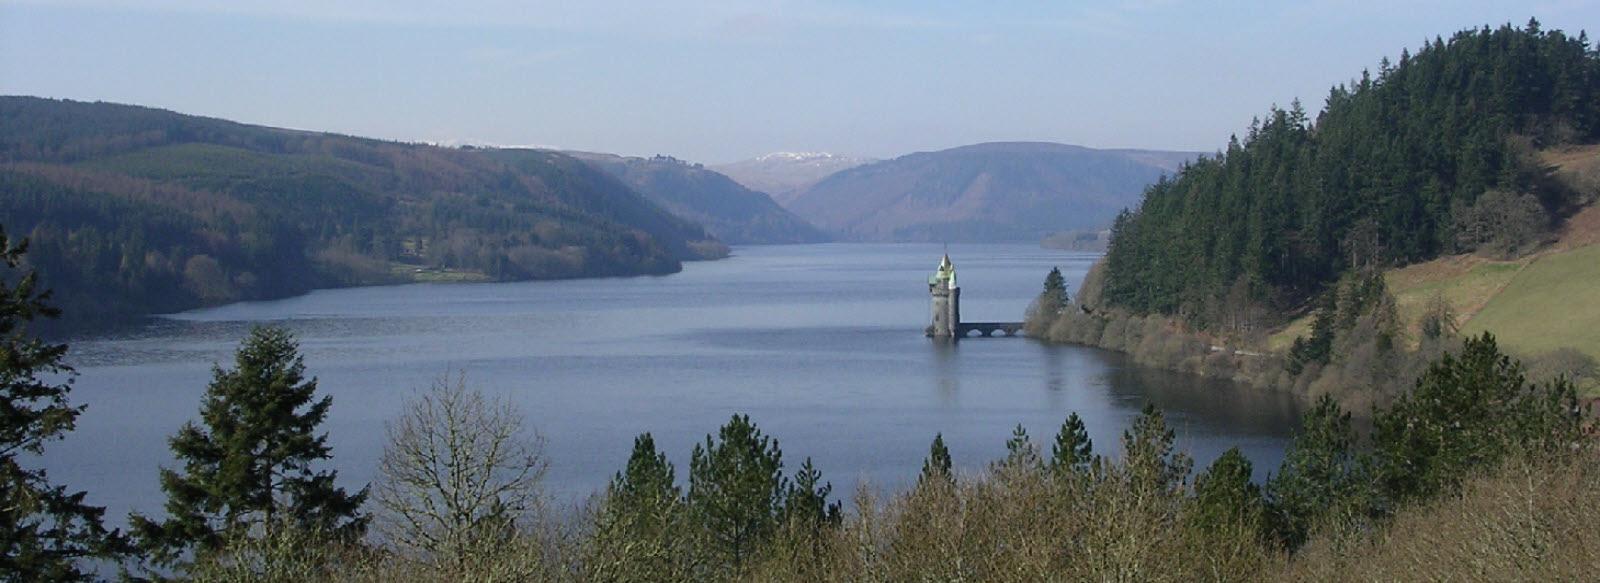 Lake Vyrnwy Attraction near Oswestry